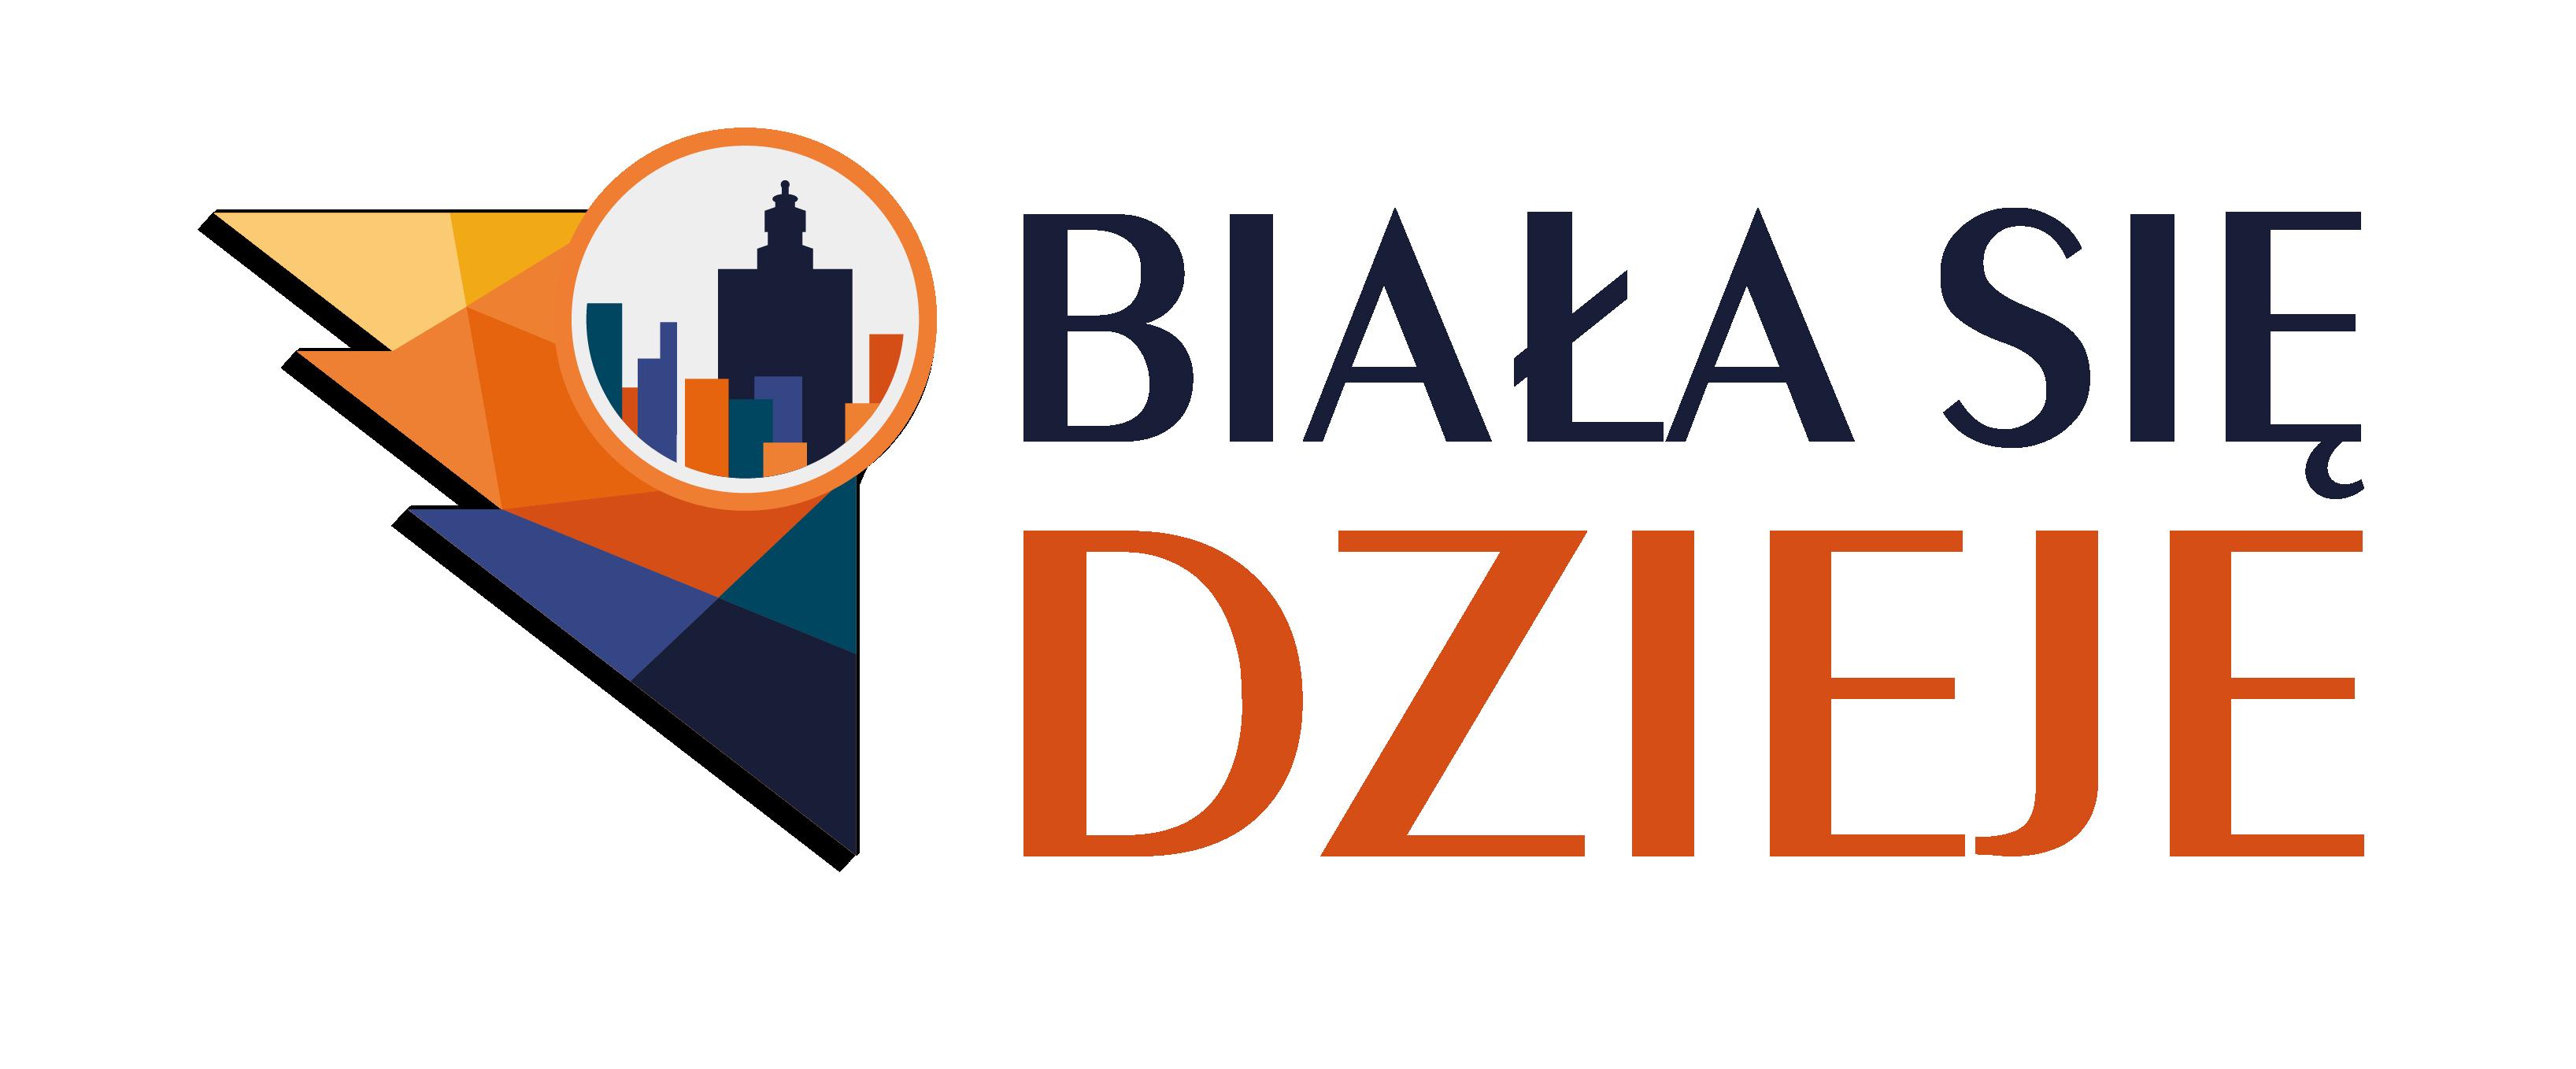 Wspólnota Bialska to najciekawszy, zawsze aktualny i bezstronny lokalny serwis infomacyjny. Zaglądaj do nas regularnie a nie przegapisz żadnego ważnego tematu, lub wydarzenia z Białej Podlaskiej. Pamiętaj: biala.24wspolnota.pl